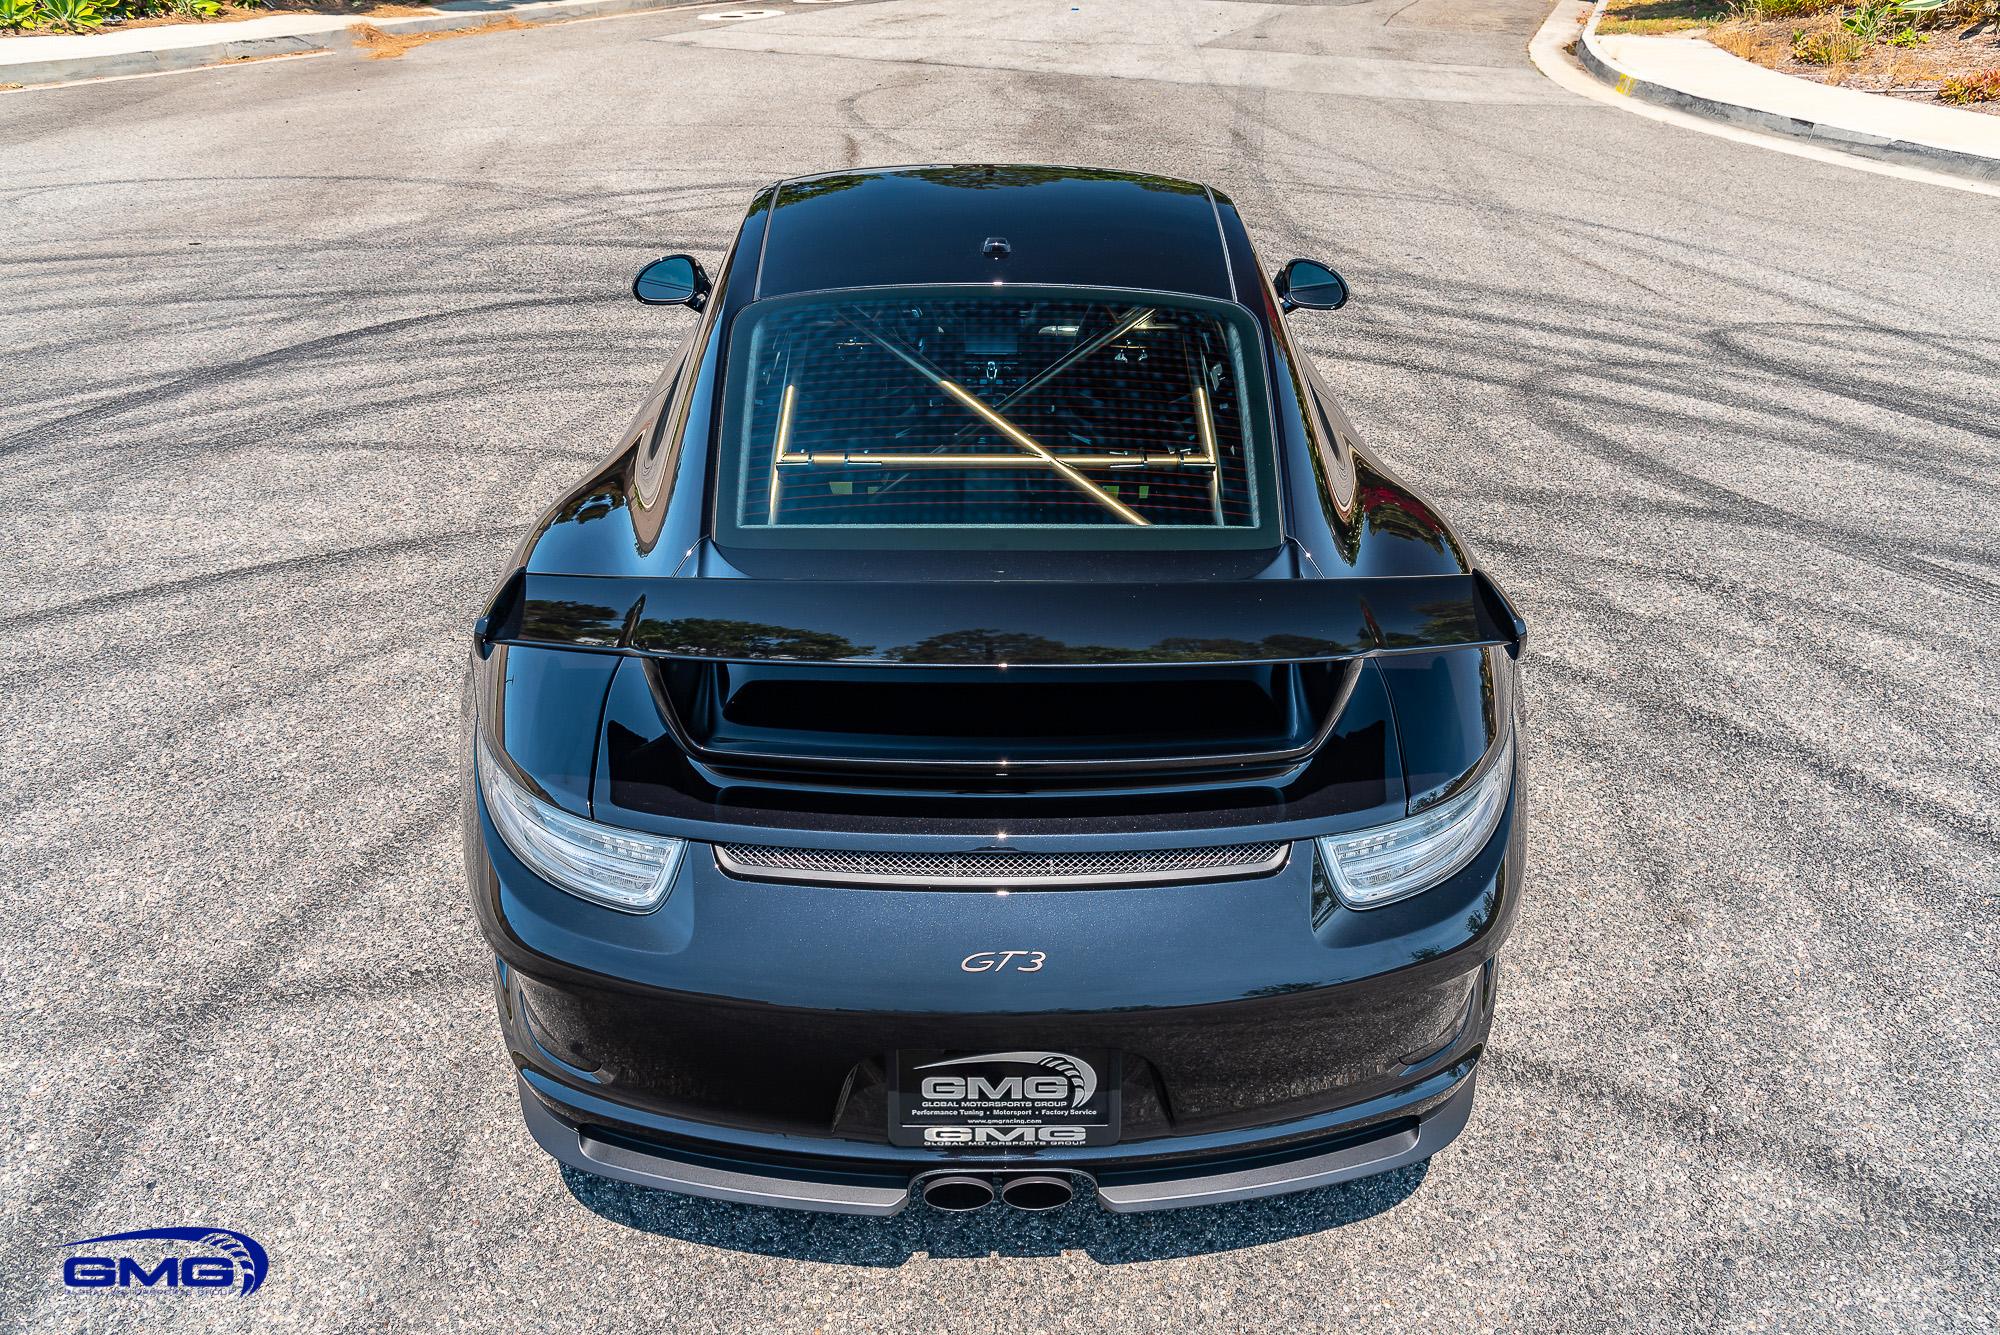 Porsche 991.1 GT3